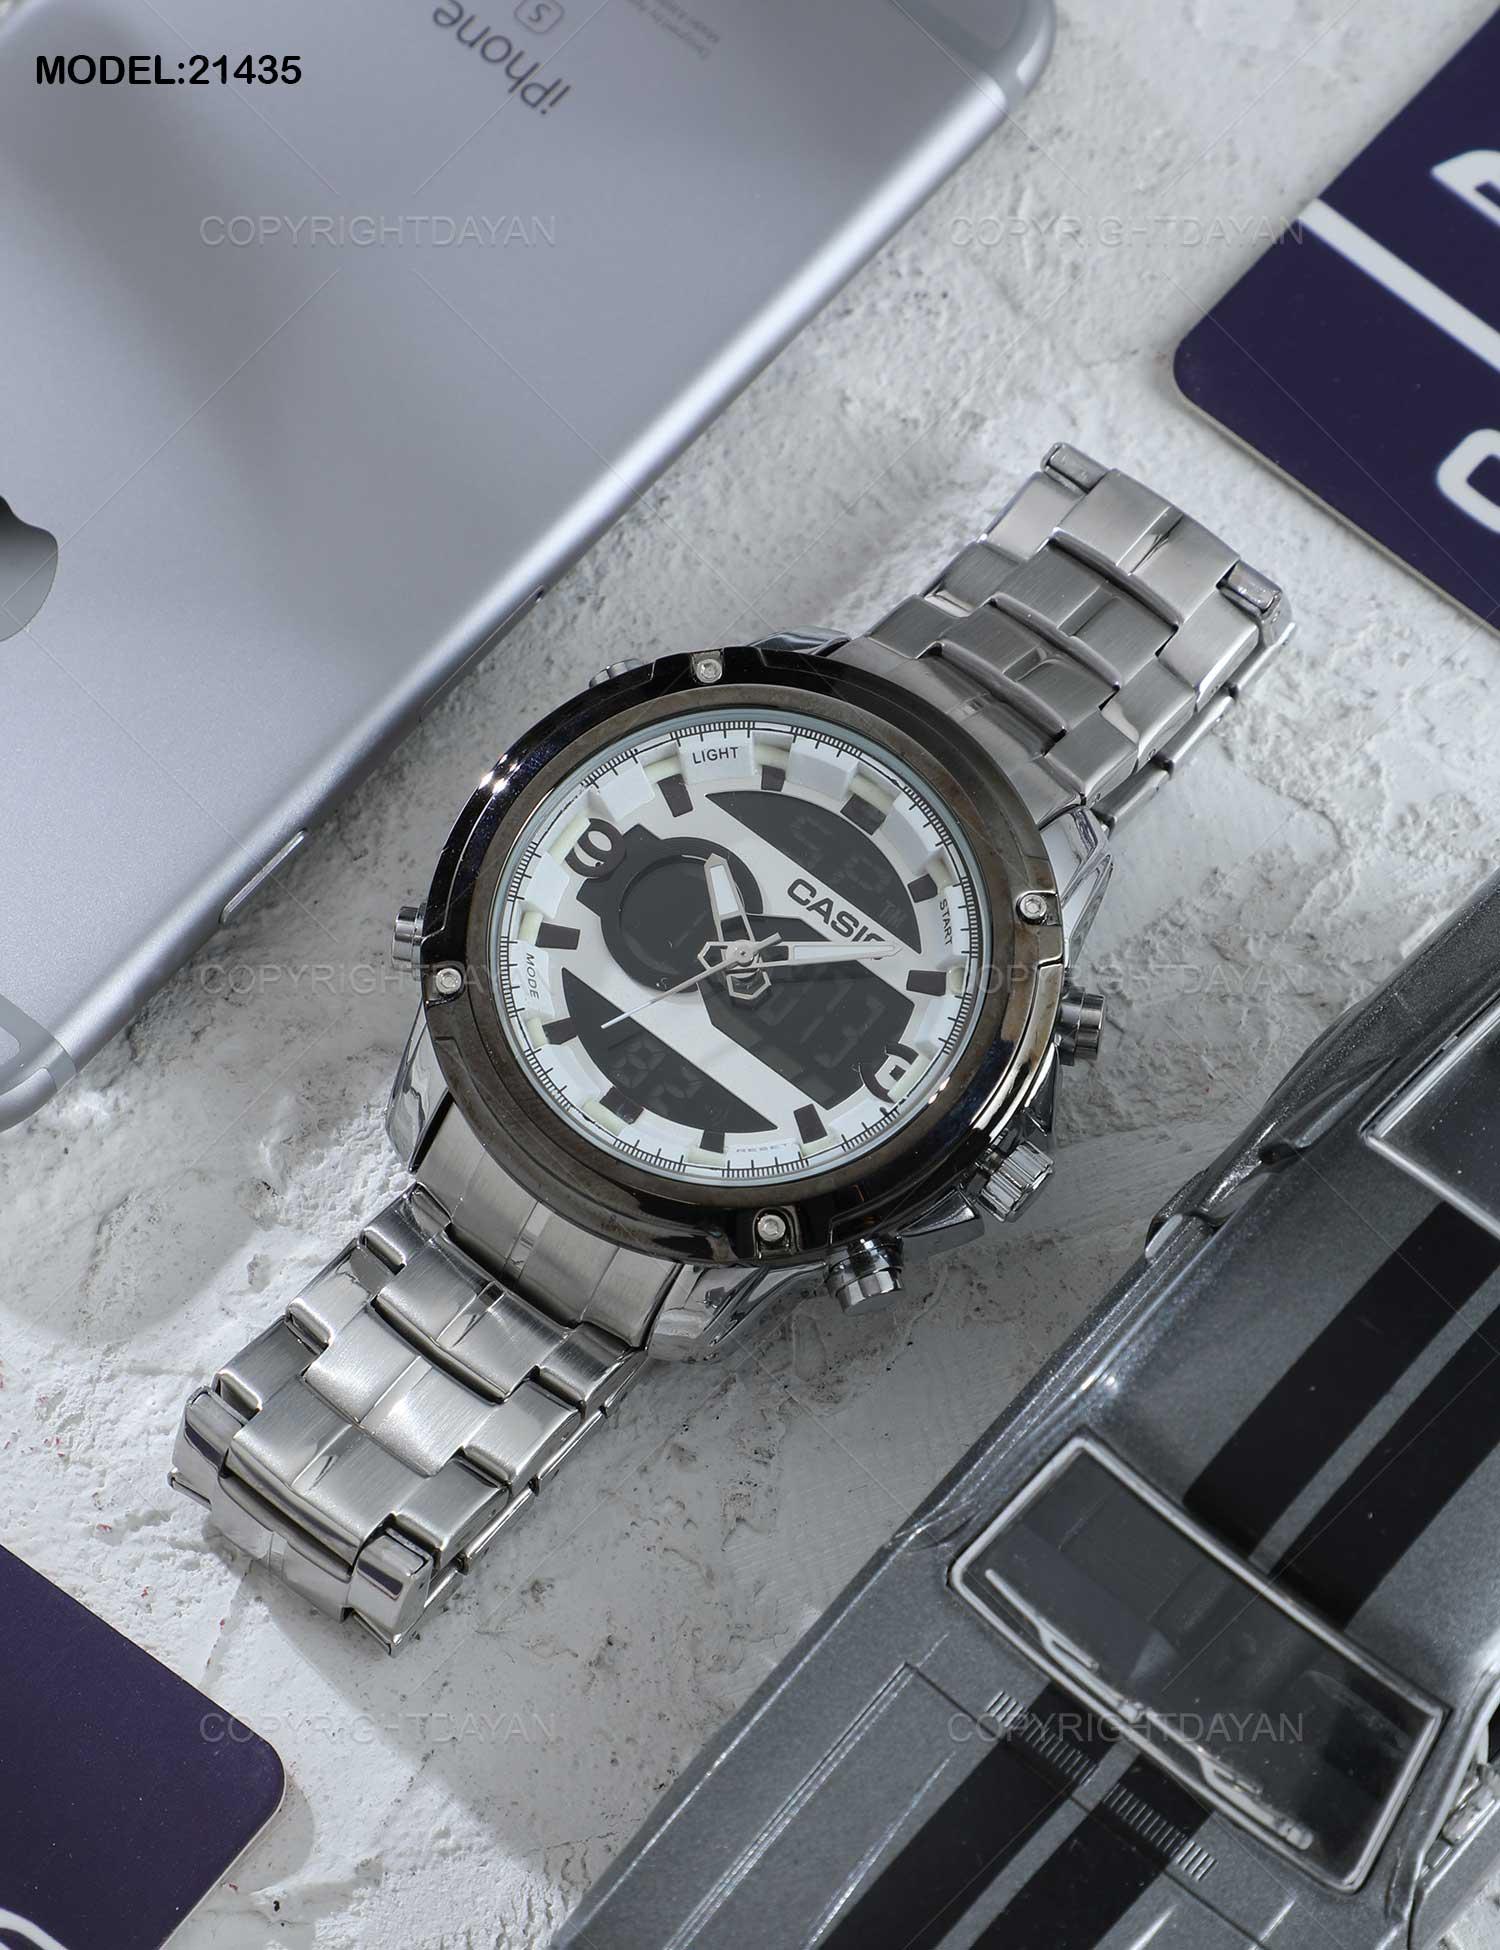 ساعت مچی مردانه Casio مدل 21435 ساعت مچی مردانه Casio مدل 21435 249,000 تومان